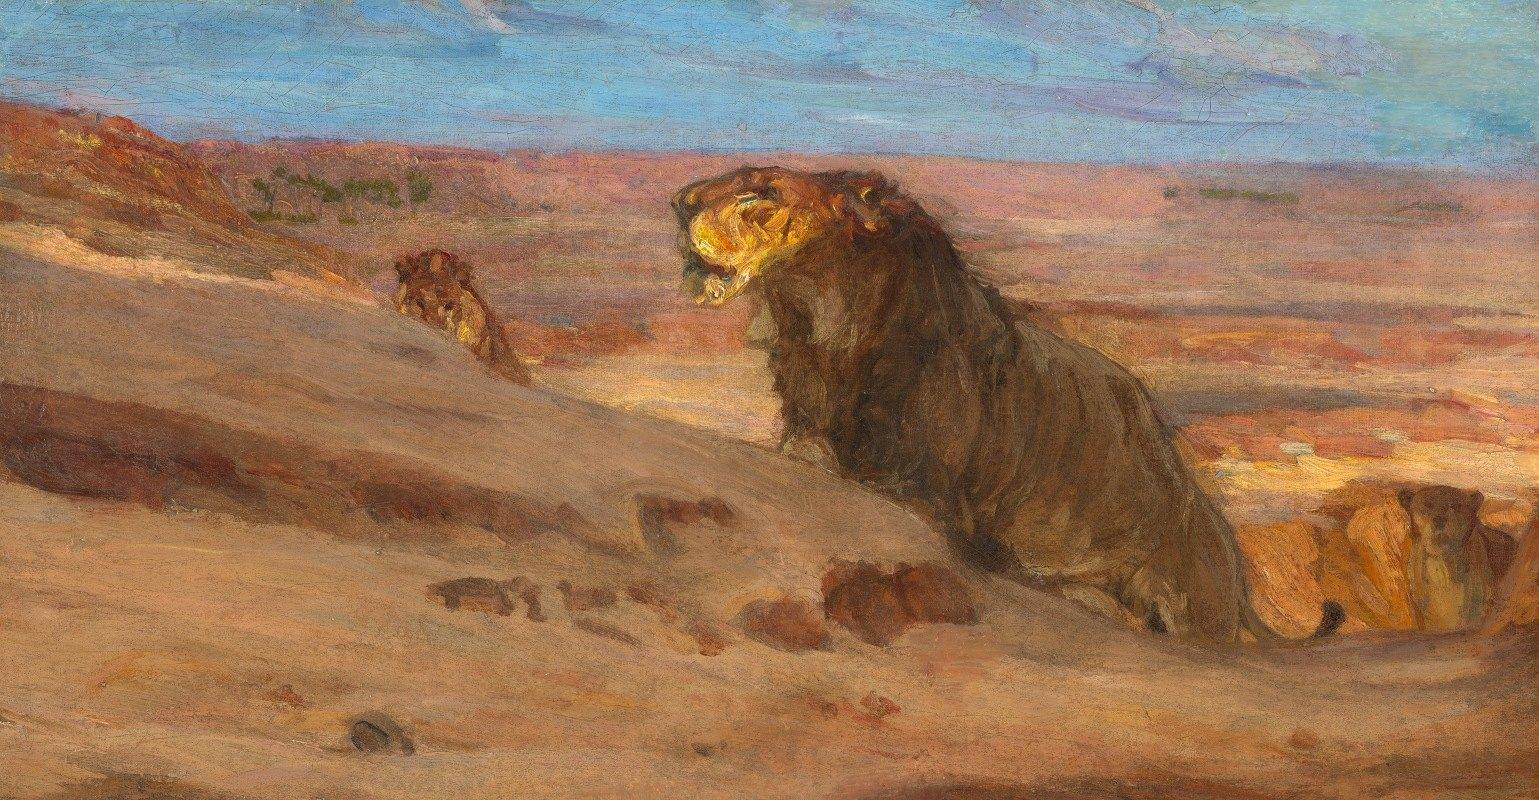 Henry Ossawa Tanner - Lions in the Desert